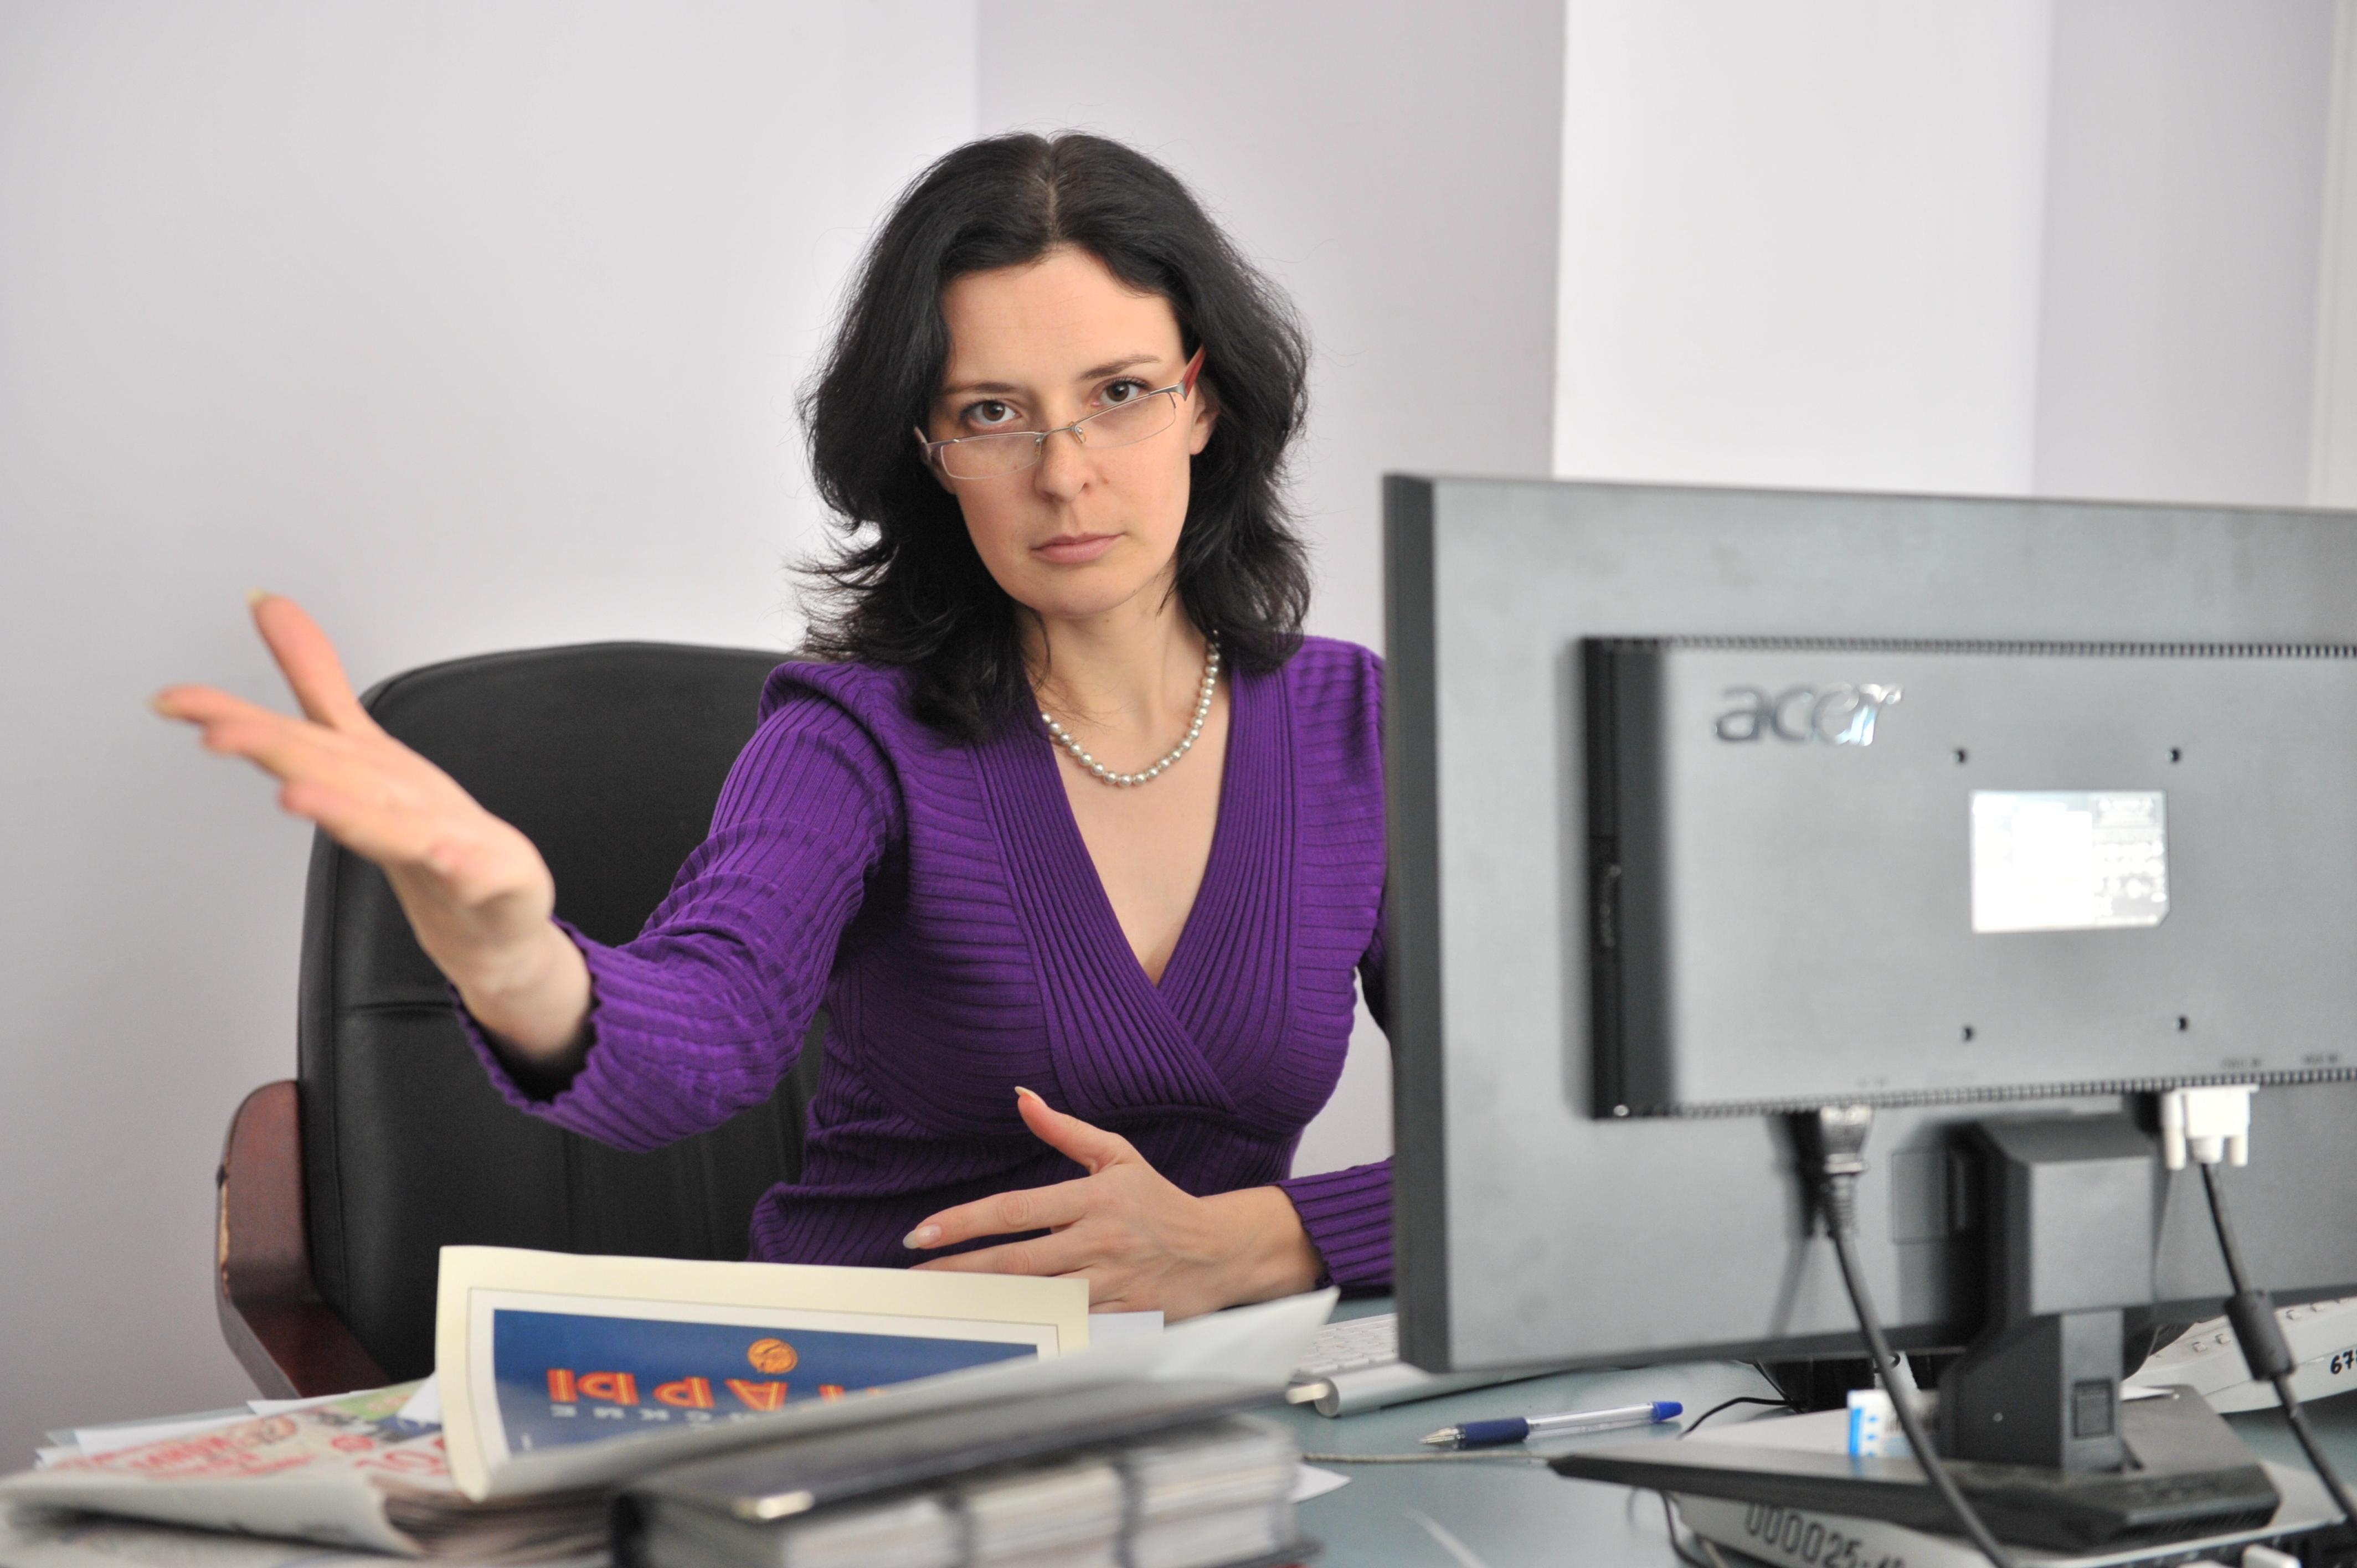 Начальник женщина картинки